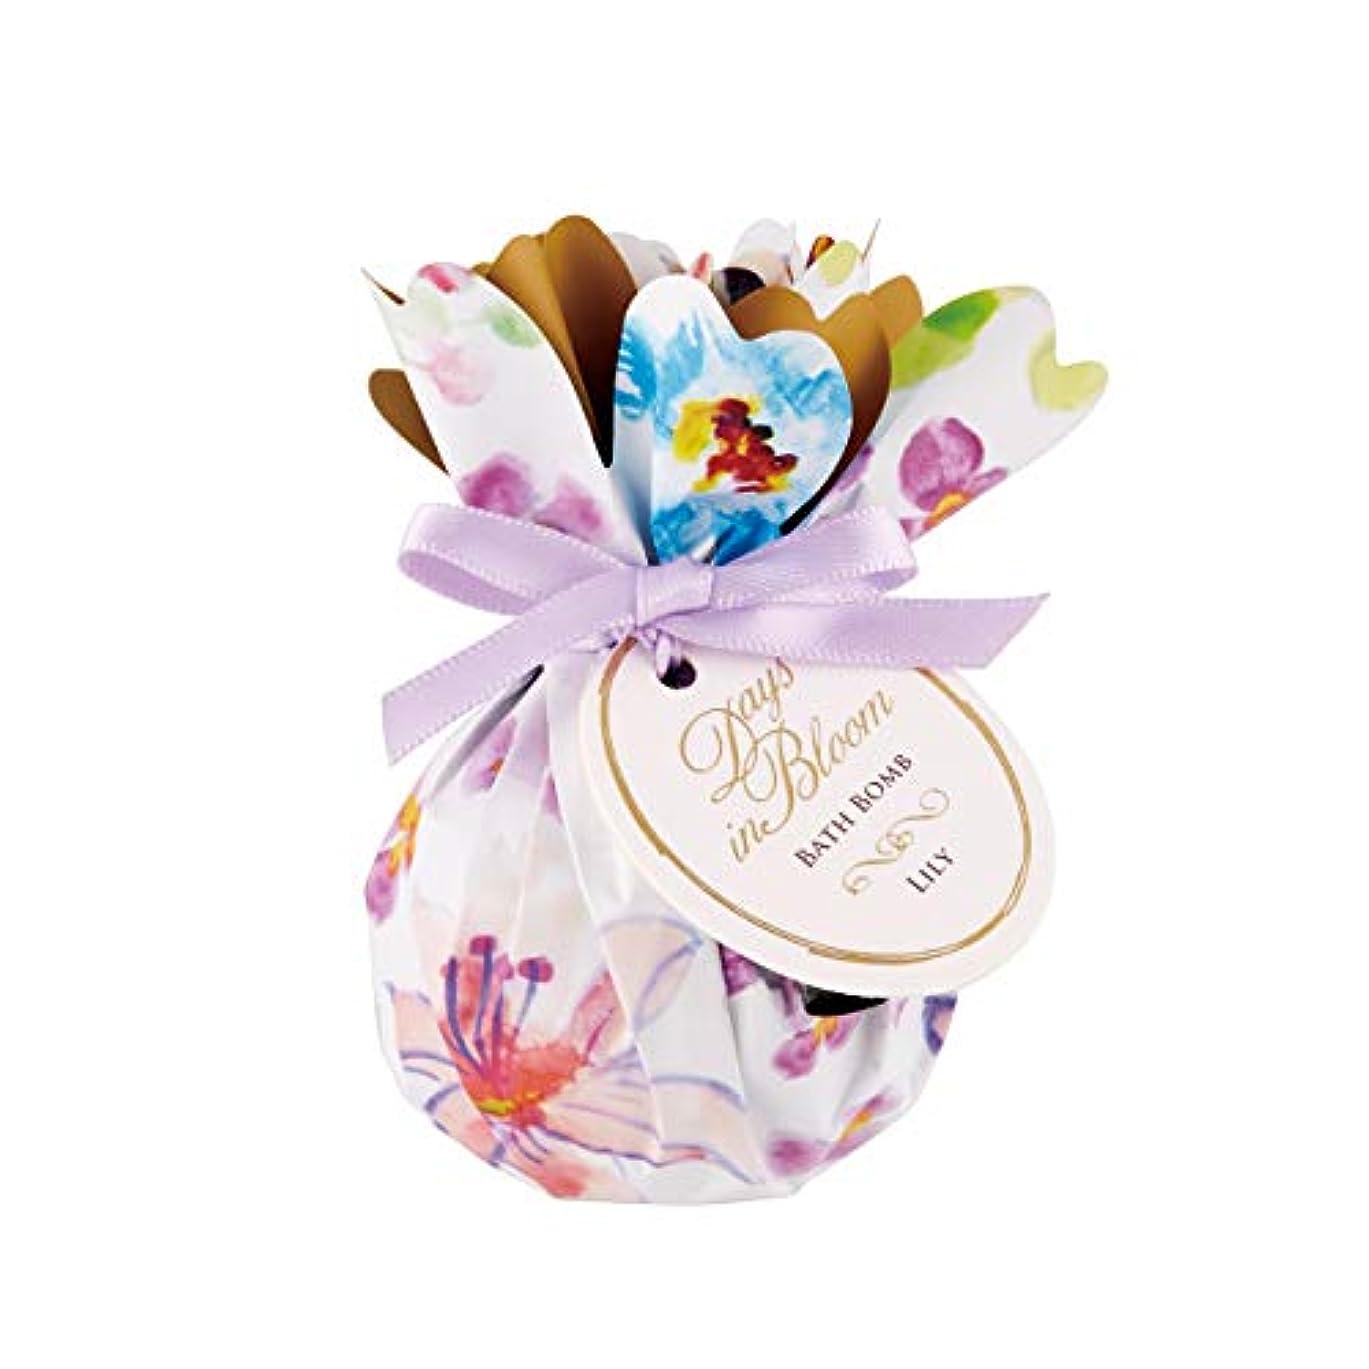 ツイン活性化宝デイズインブルーム バスボム リリー(入浴料 プチギフト 花ギフト 百合のブーケの香り)